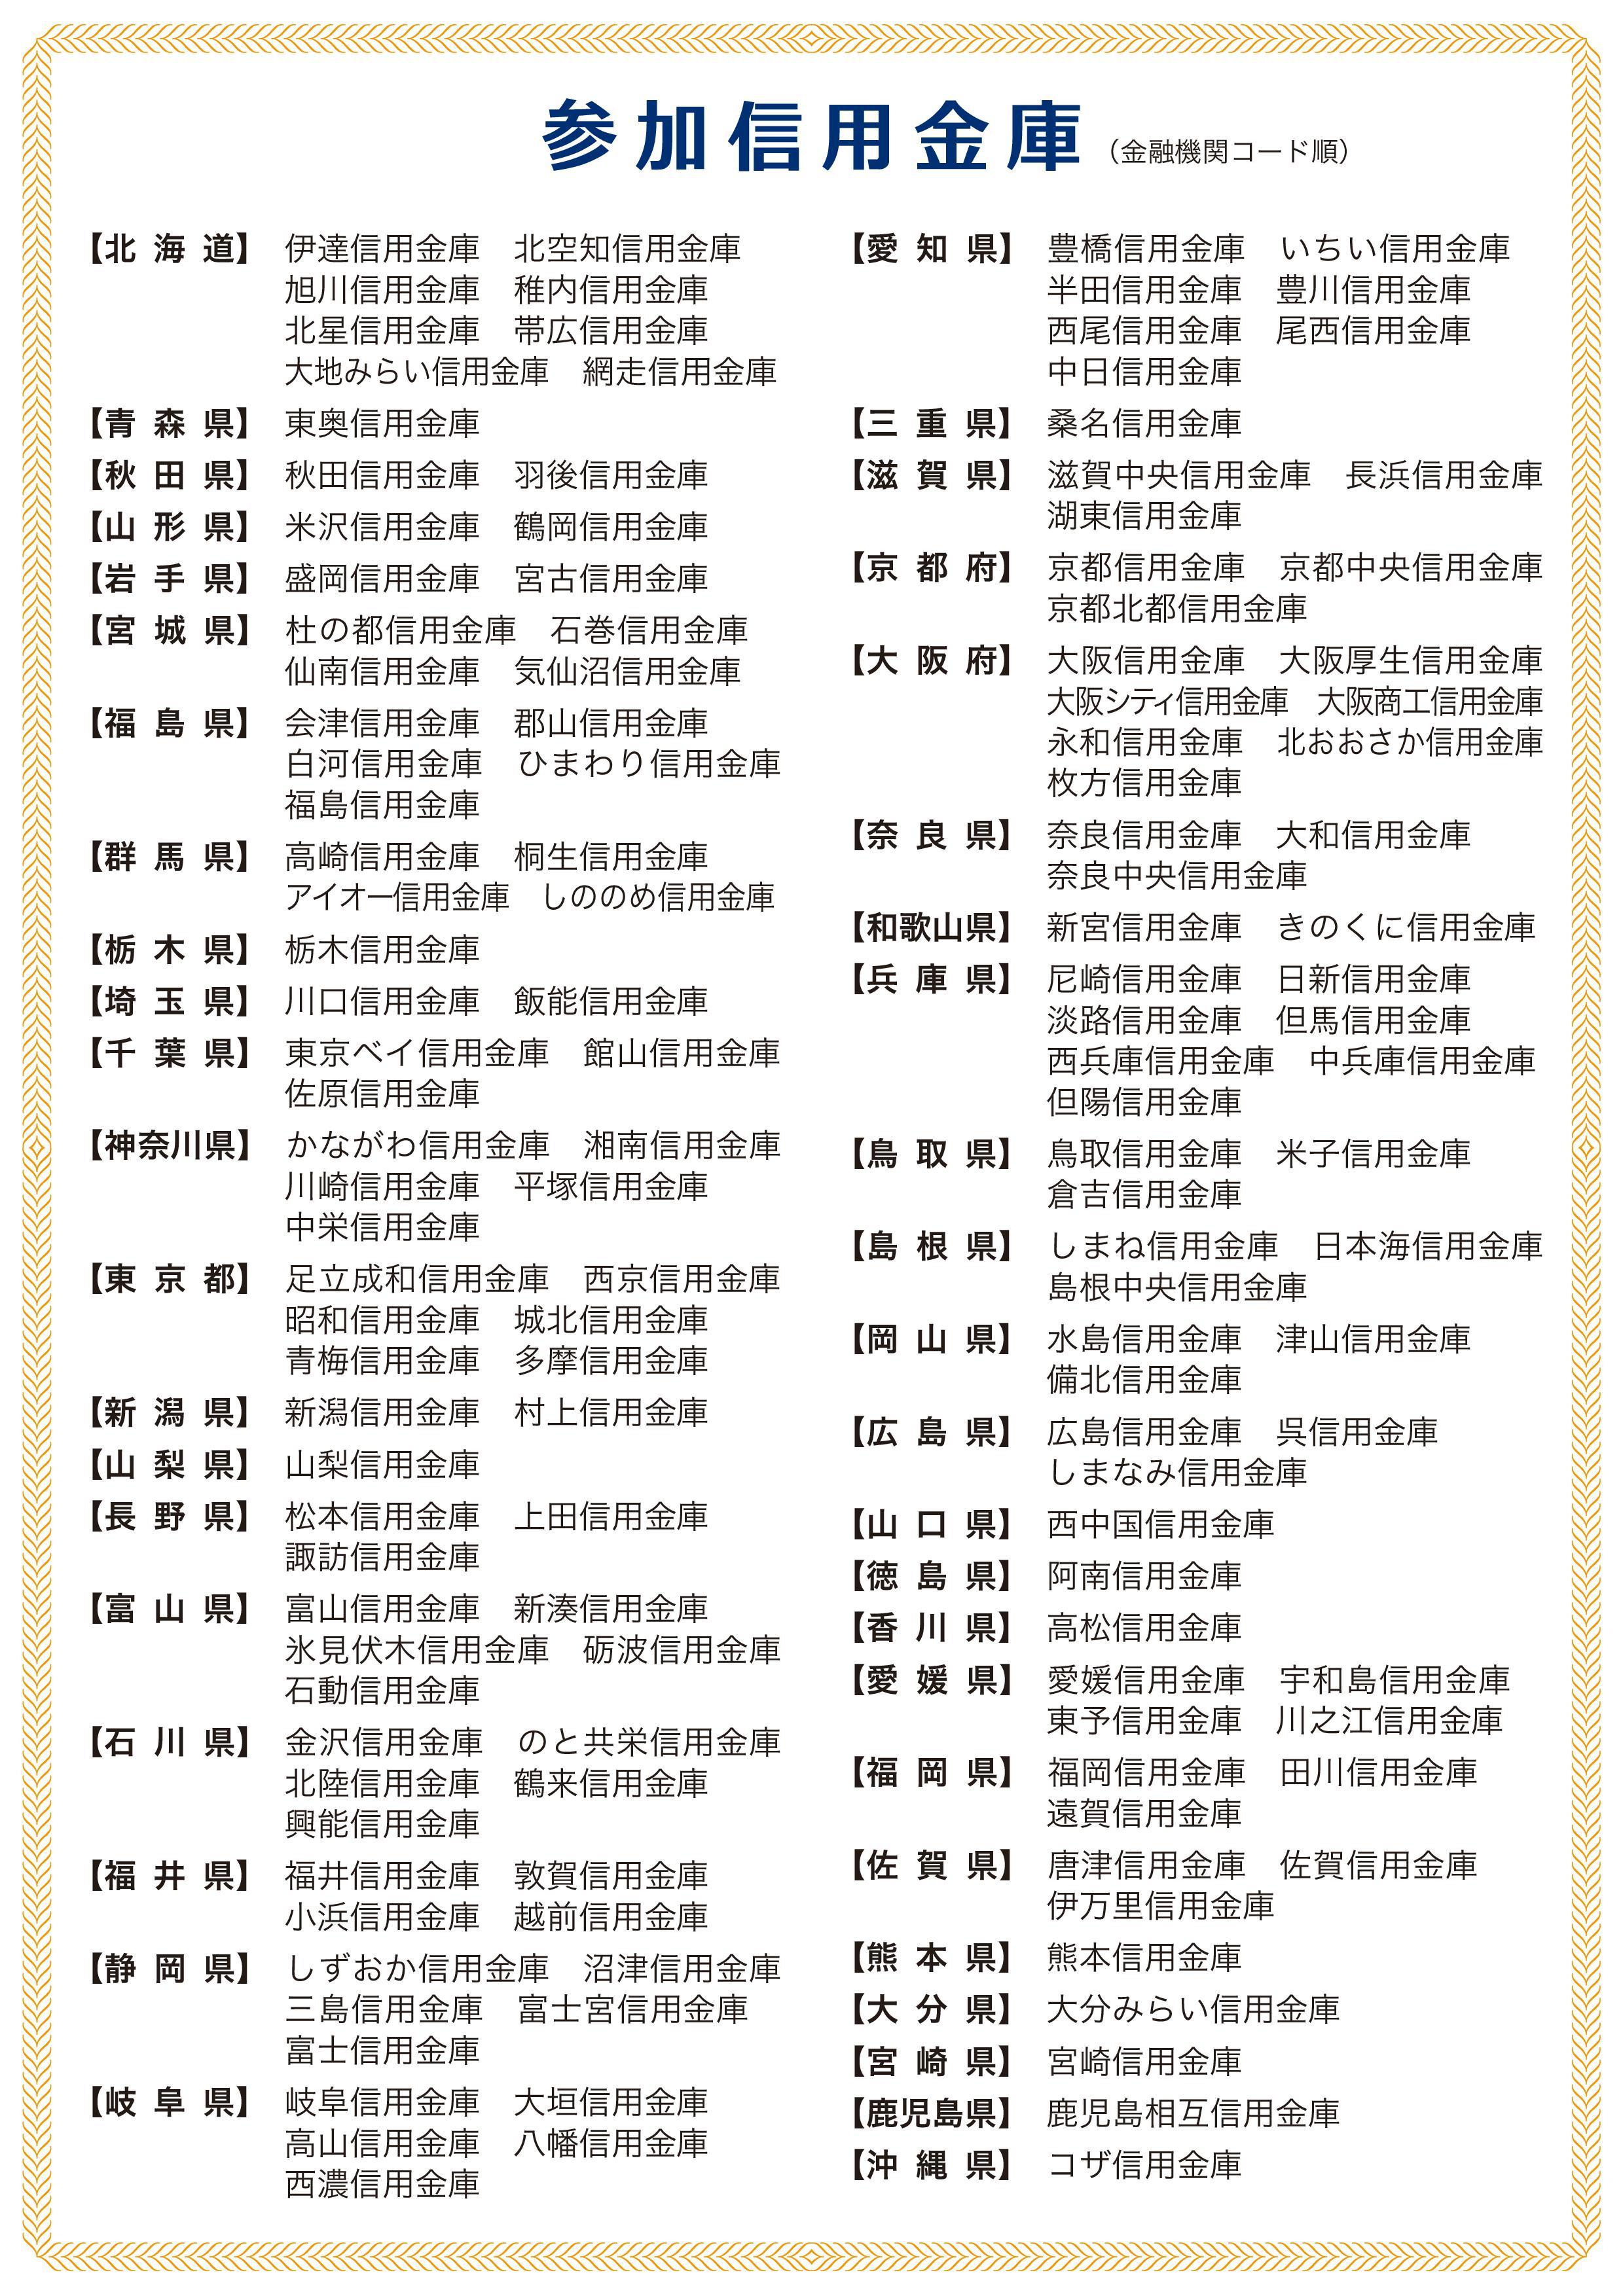 ★【確定版】遺言全国一斉相談チラシ-002